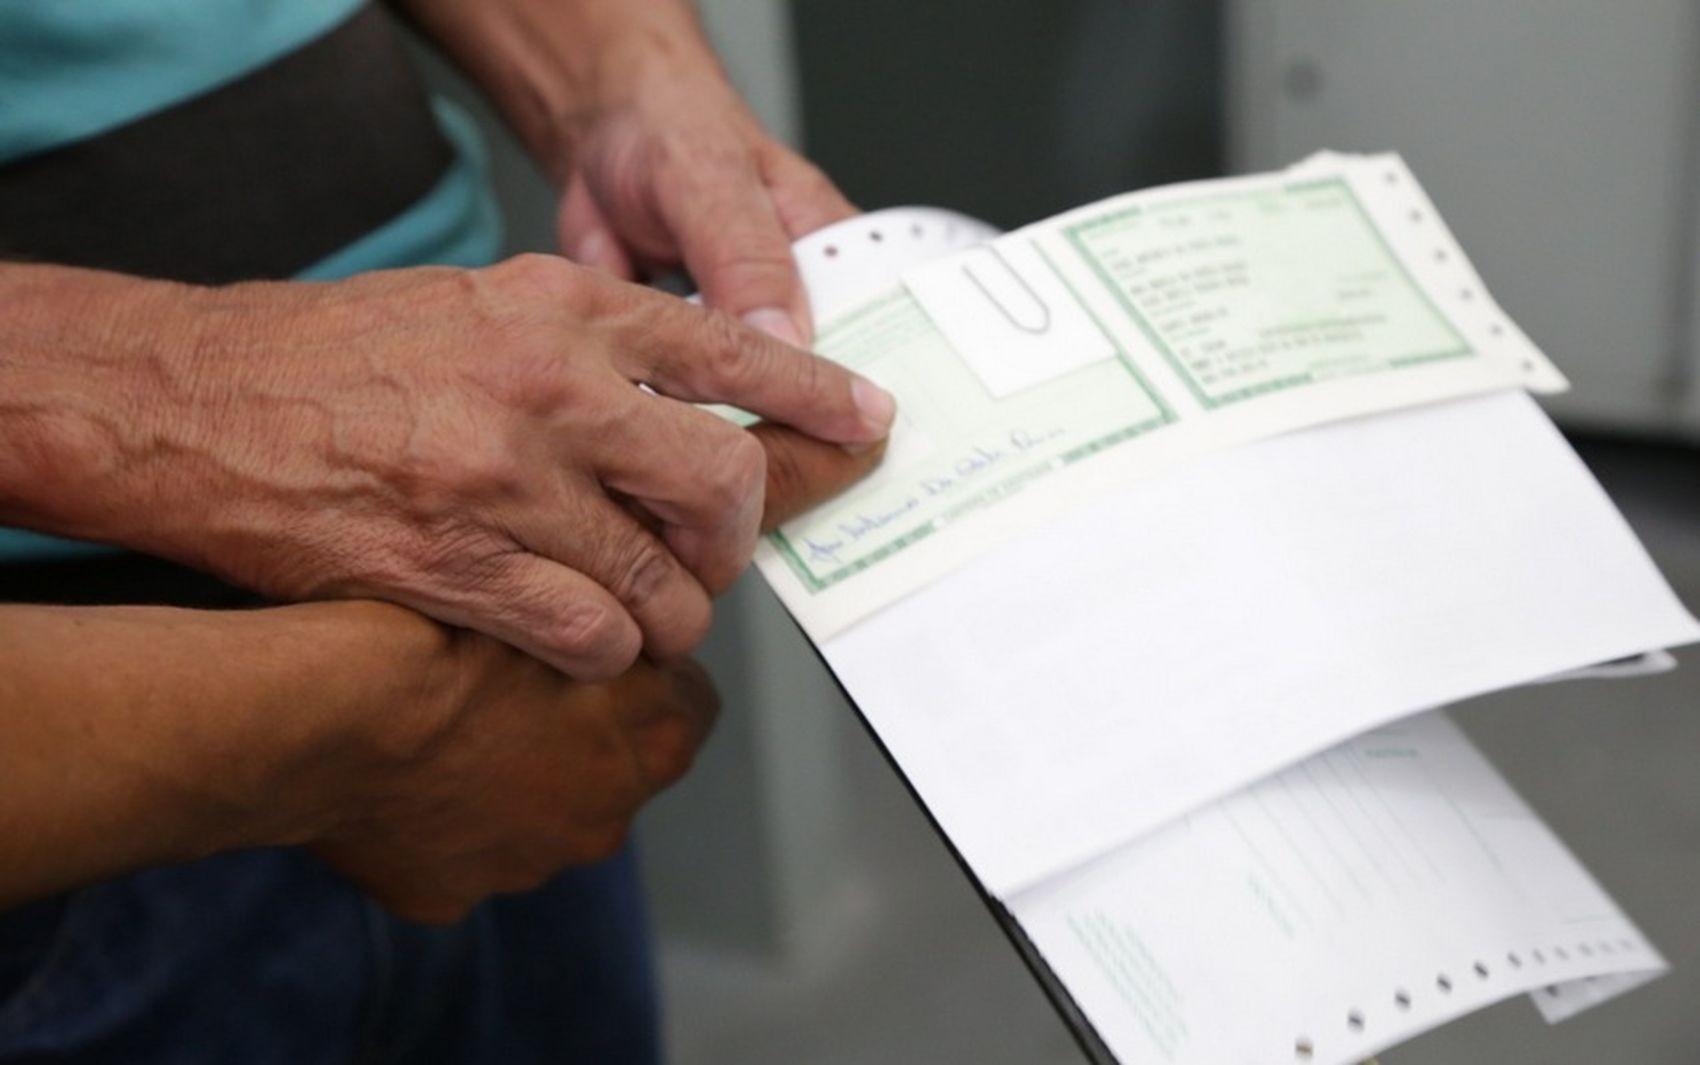 Coleta de dados para emissão do RG é retomada após 8 dias suspensa em Ariquemes, RO - Noticias